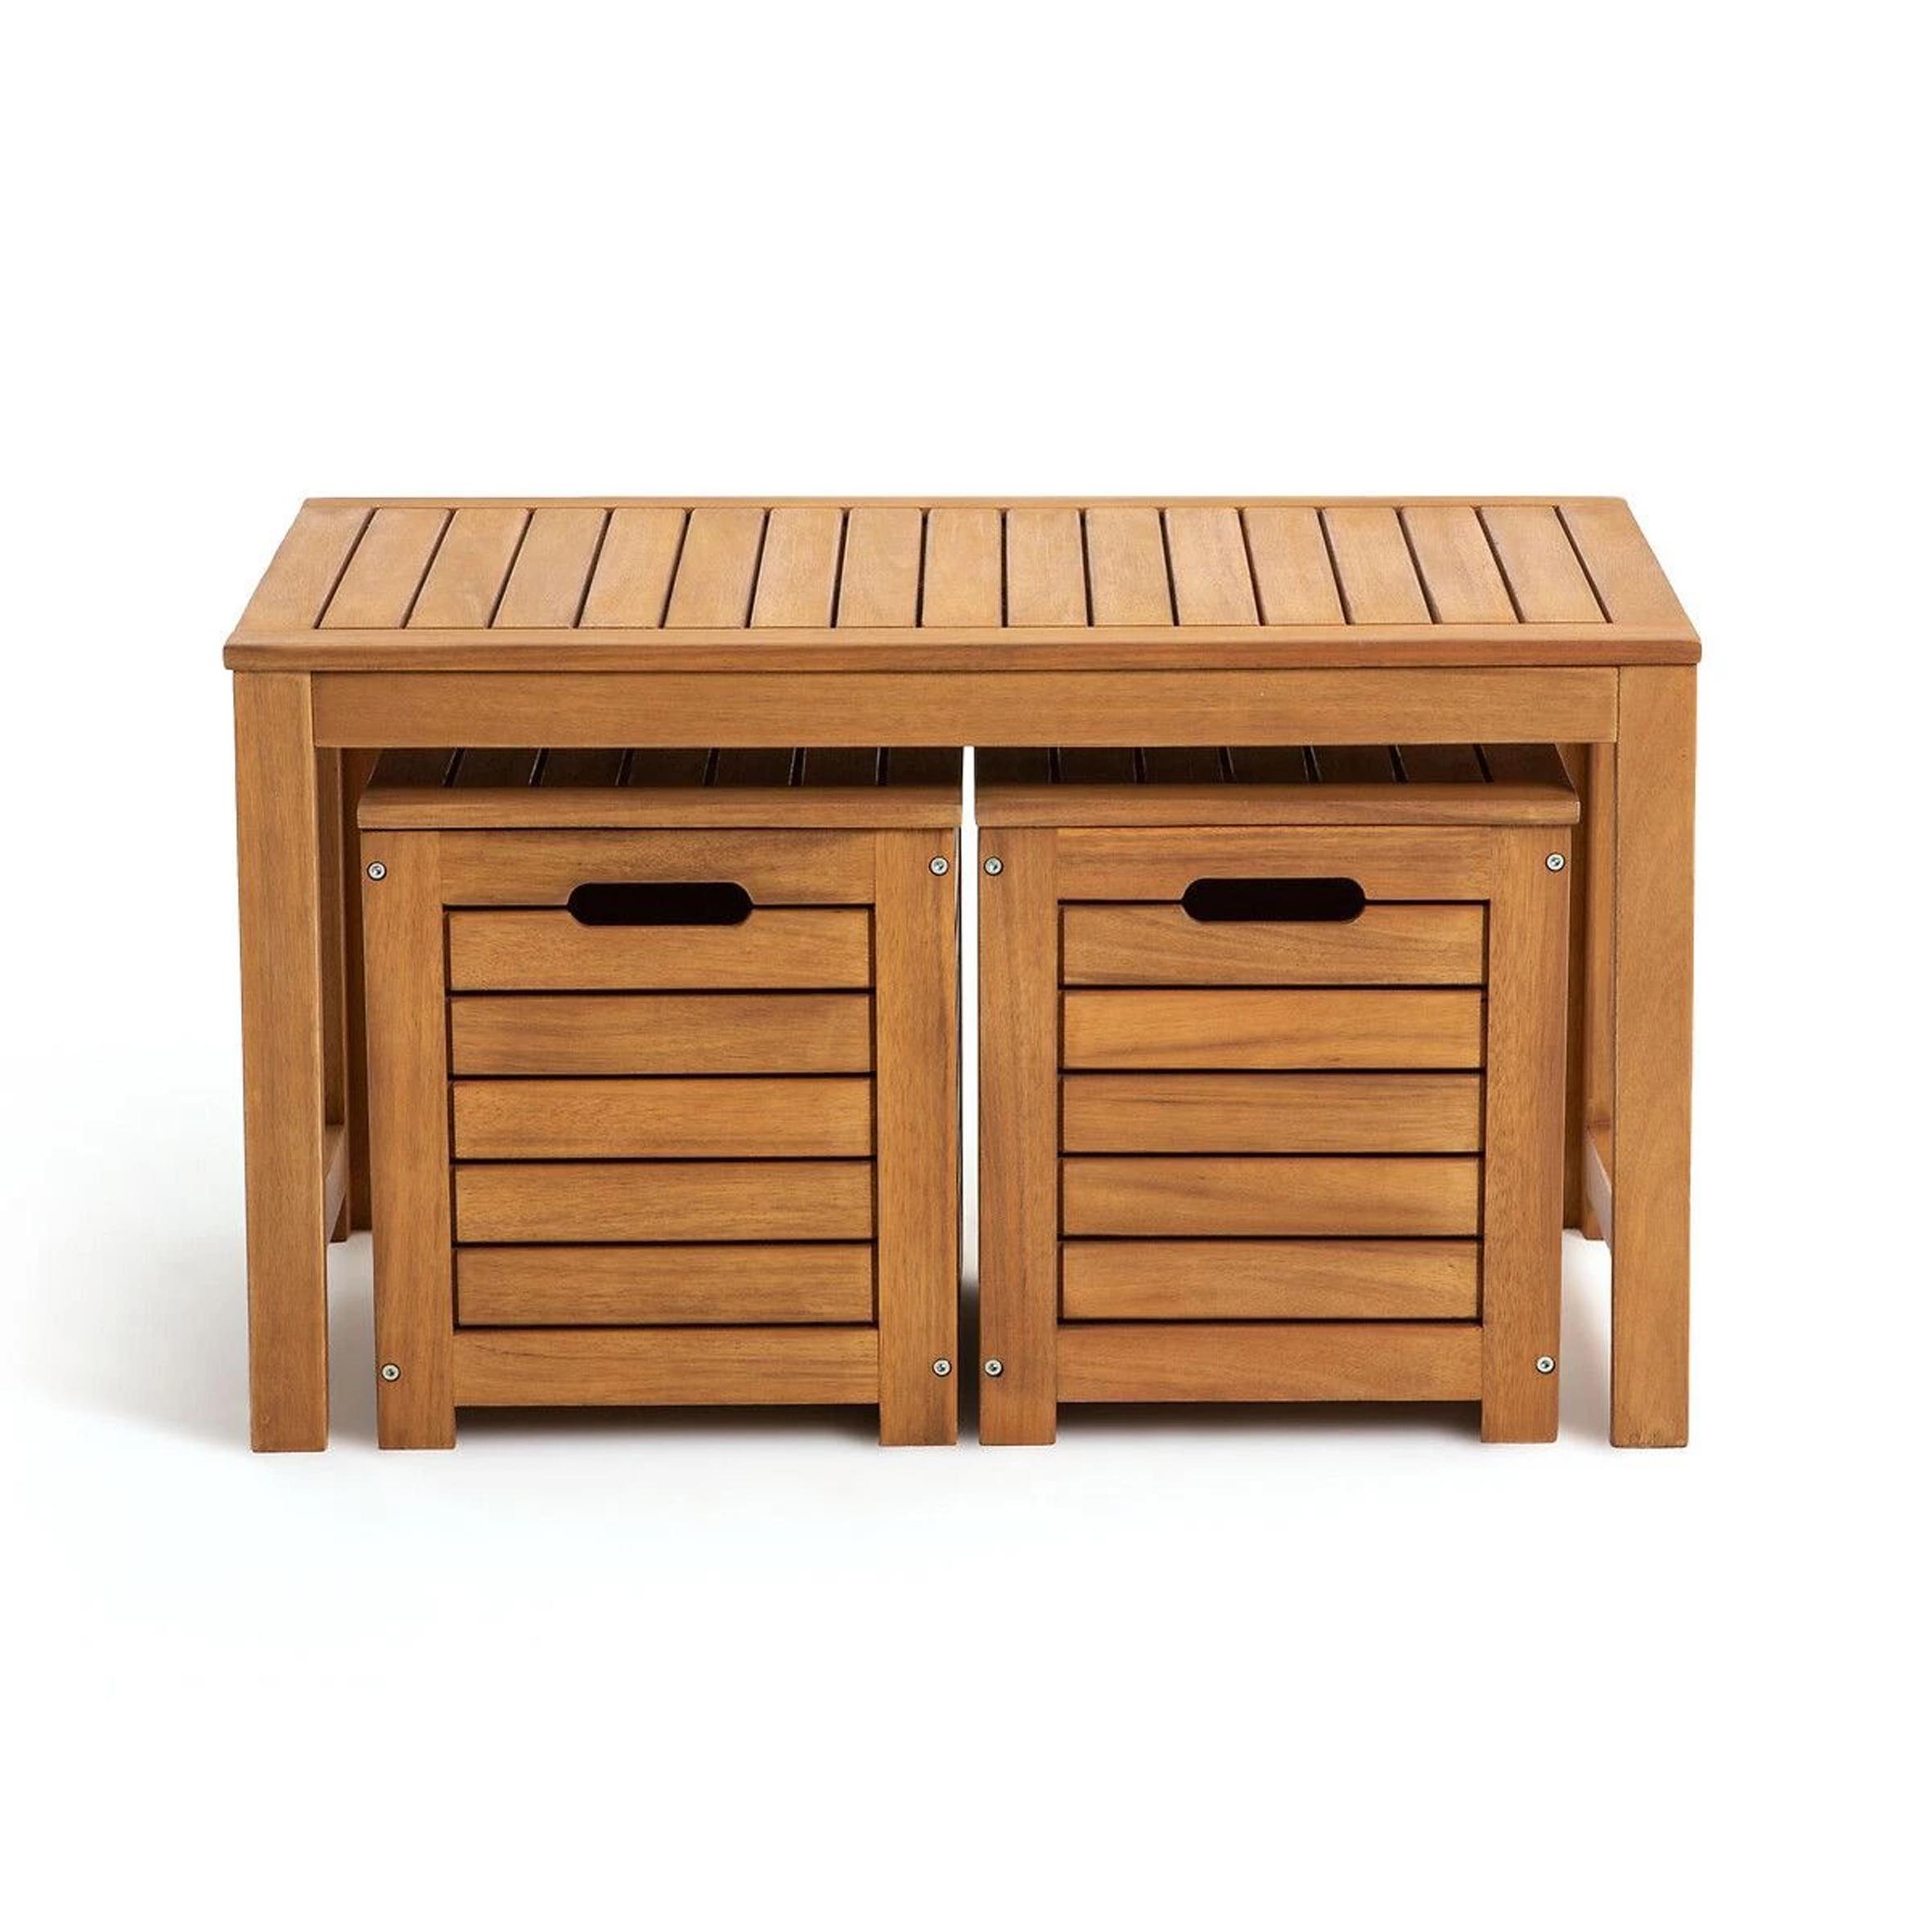 Banco y cajas de jardín de acacia